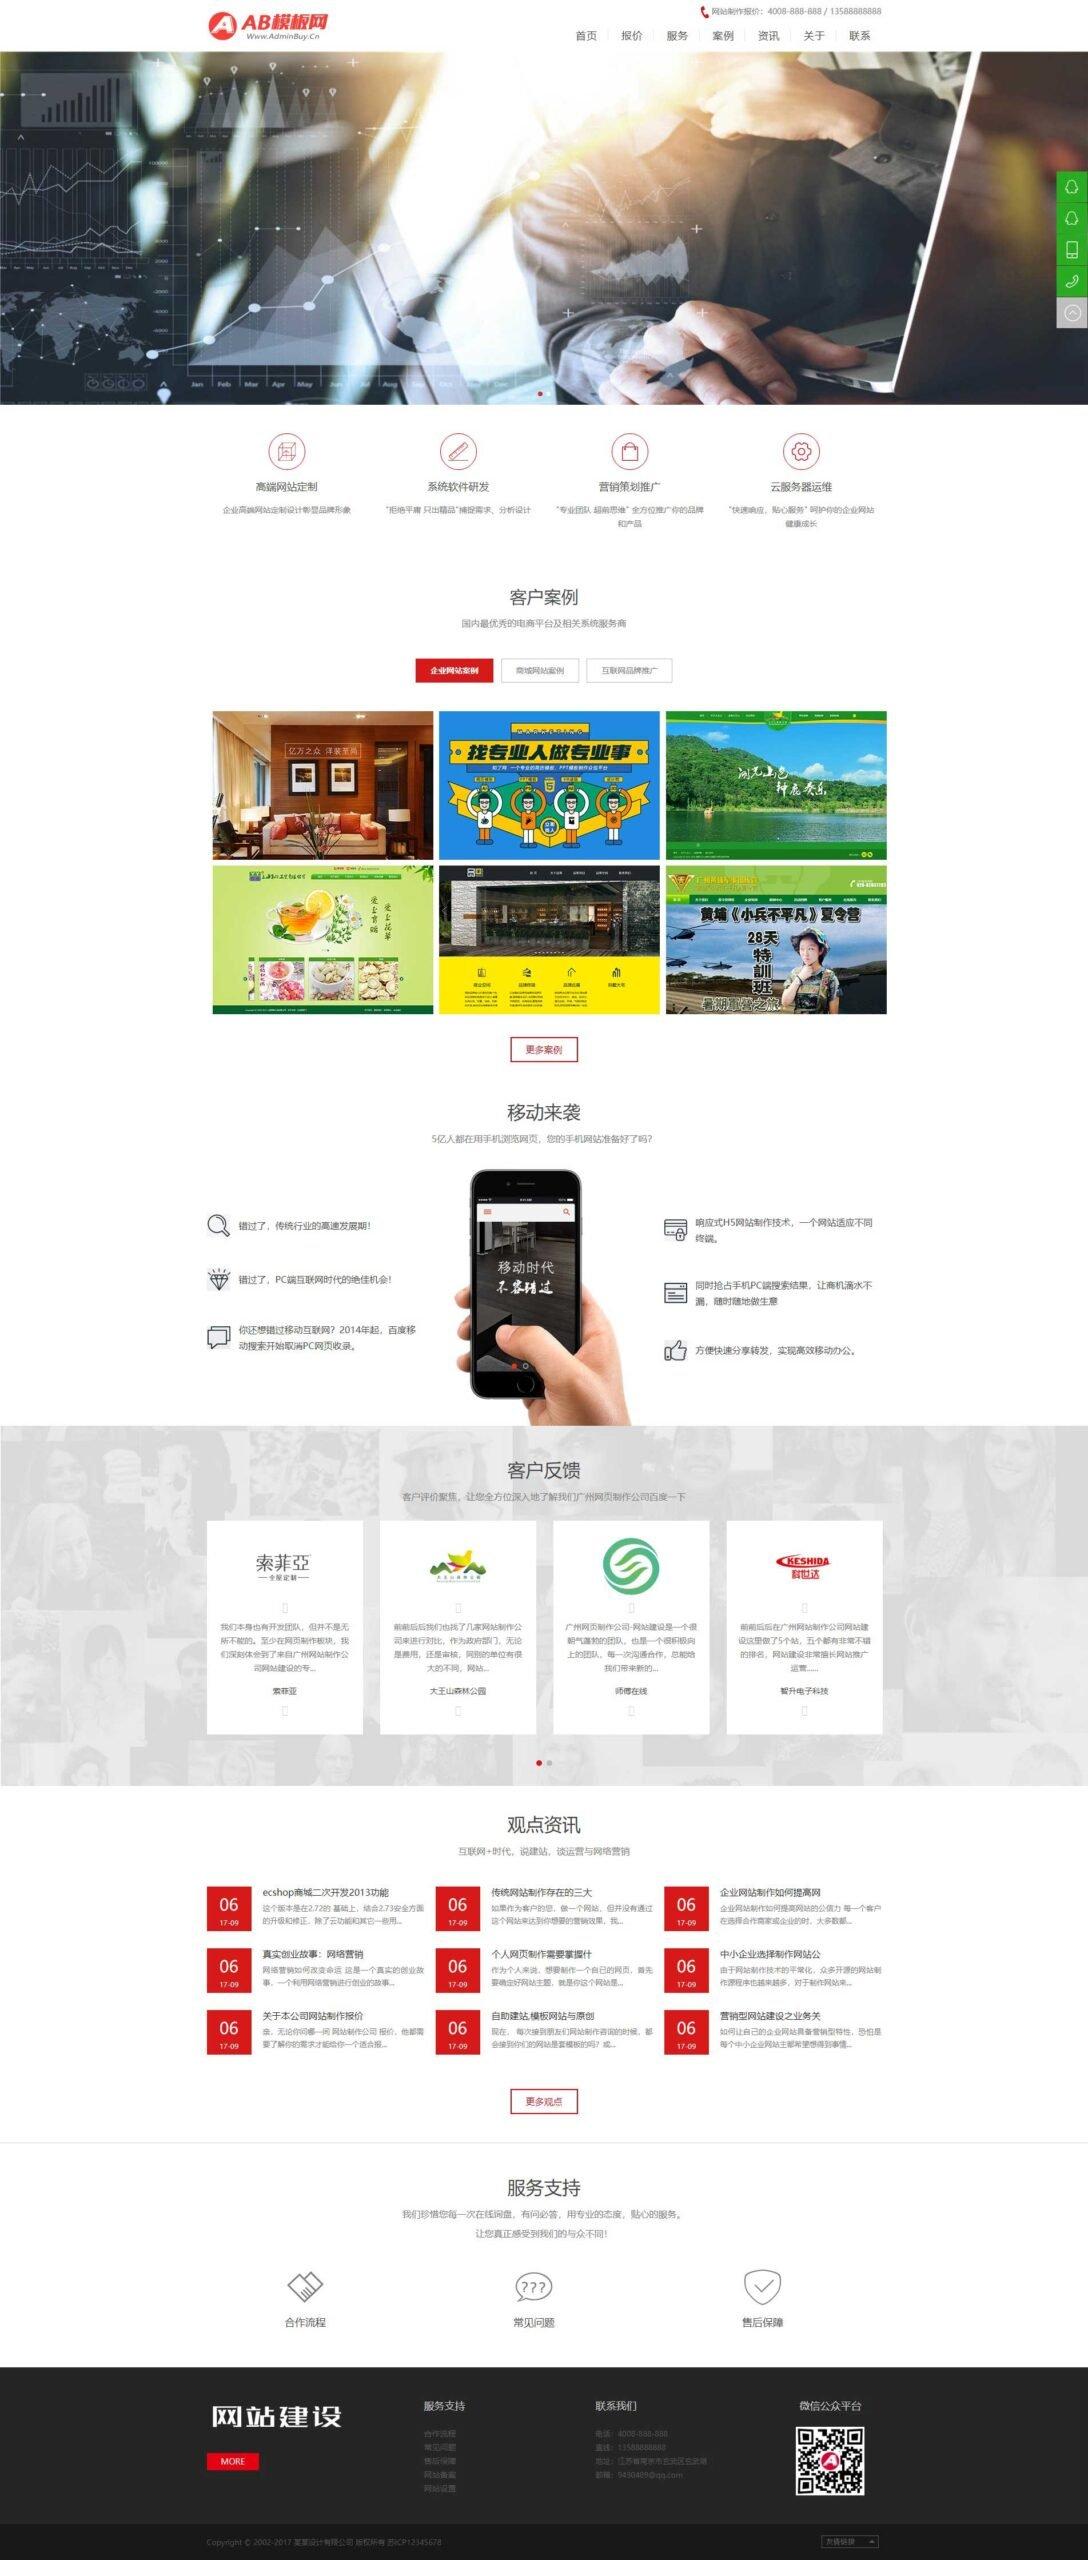 鹤云资源博客-红色响应式网络建设企业网站织梦dede模板源码[自适应手机版]插图